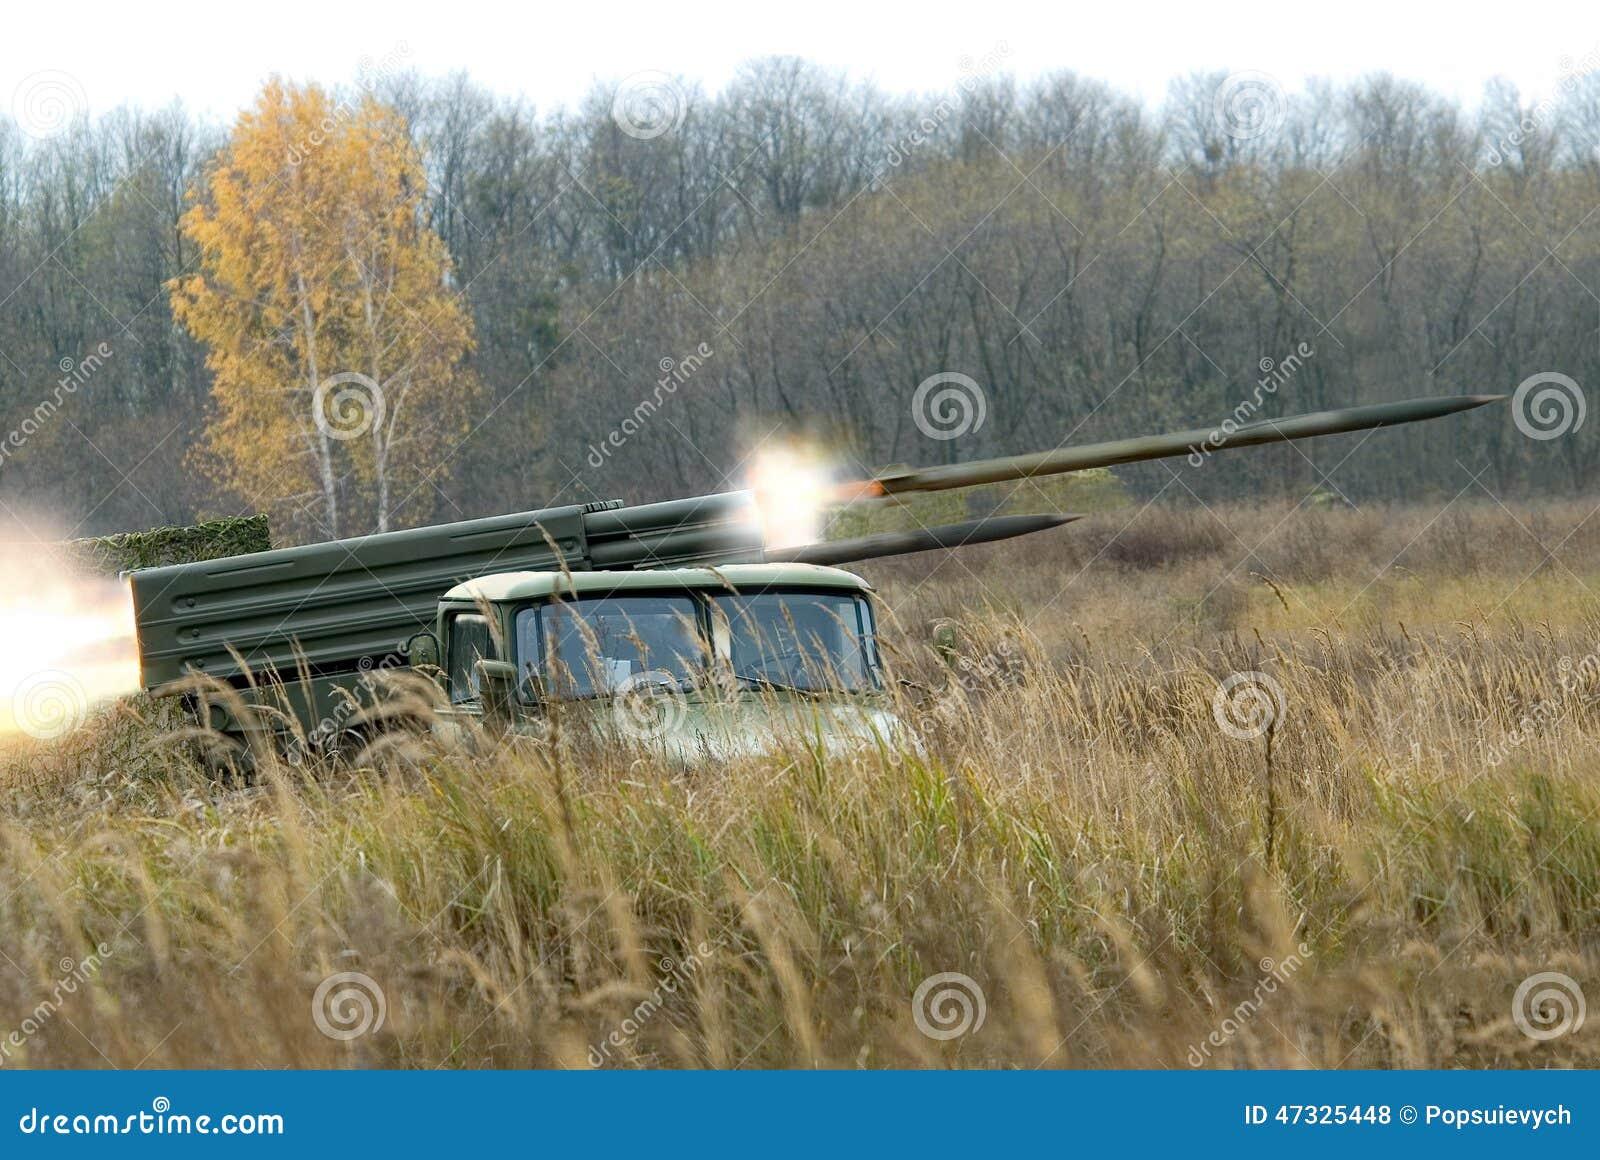 火炮系统BM-21